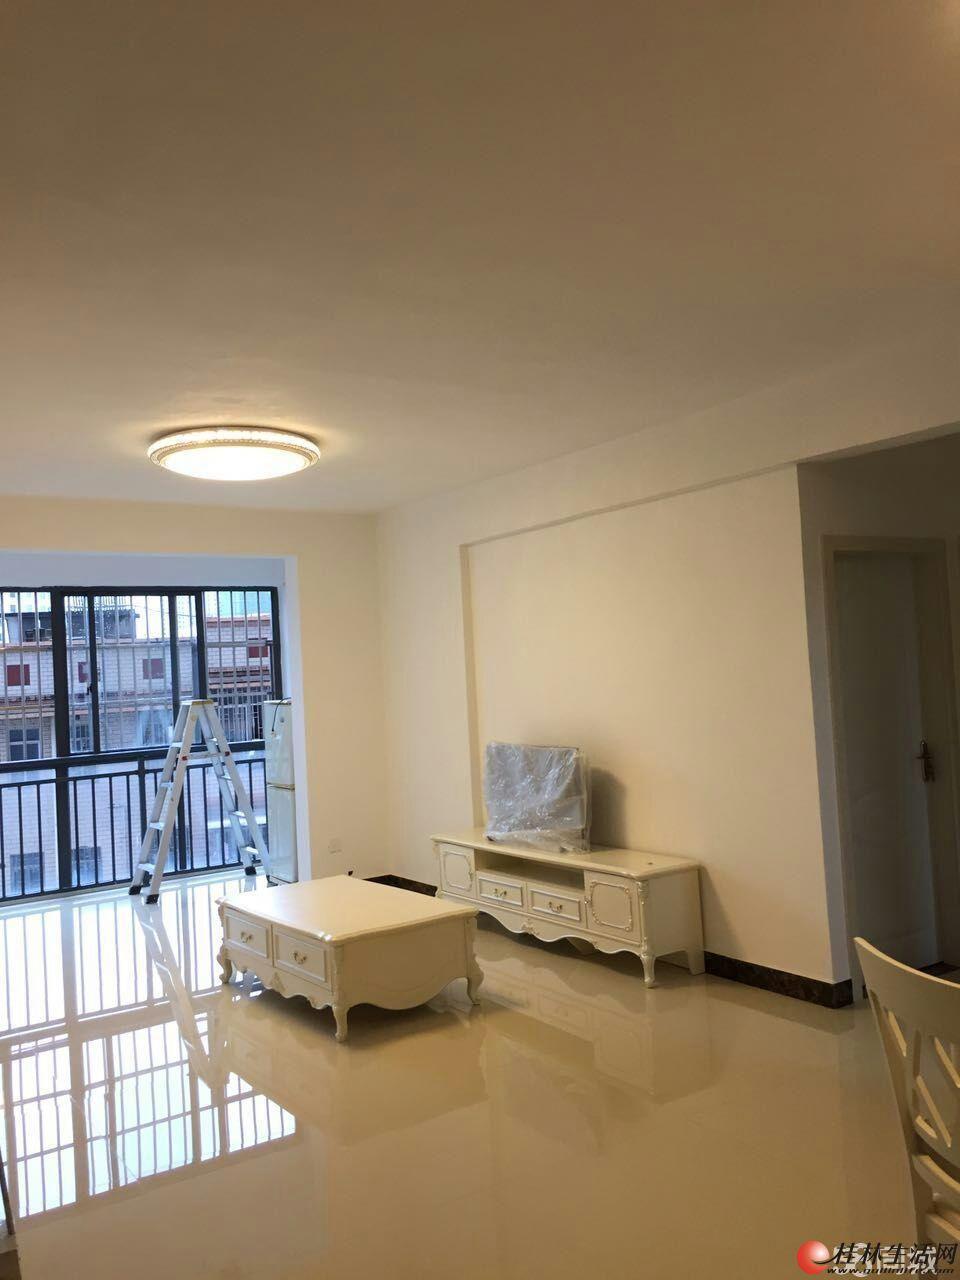 象山区凯风路金地球小区6楼3房2厅2卫豪华装修急出售